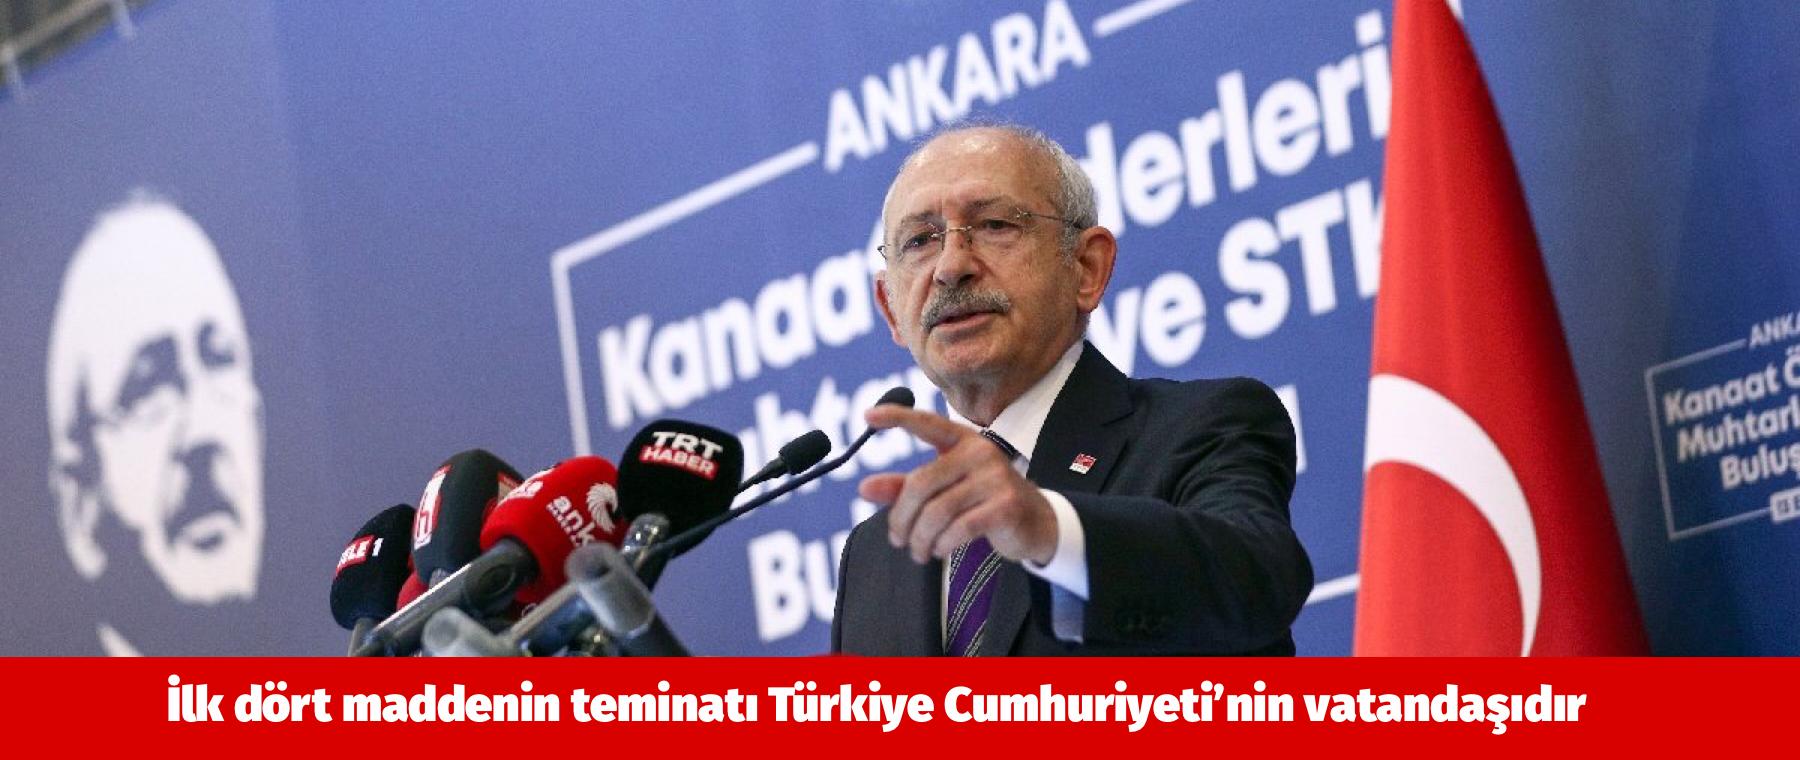 Kılıçdaroğlu: İlk dört maddenin teminatı Türkiye Cumhuriyeti'nin vatandaşıdır